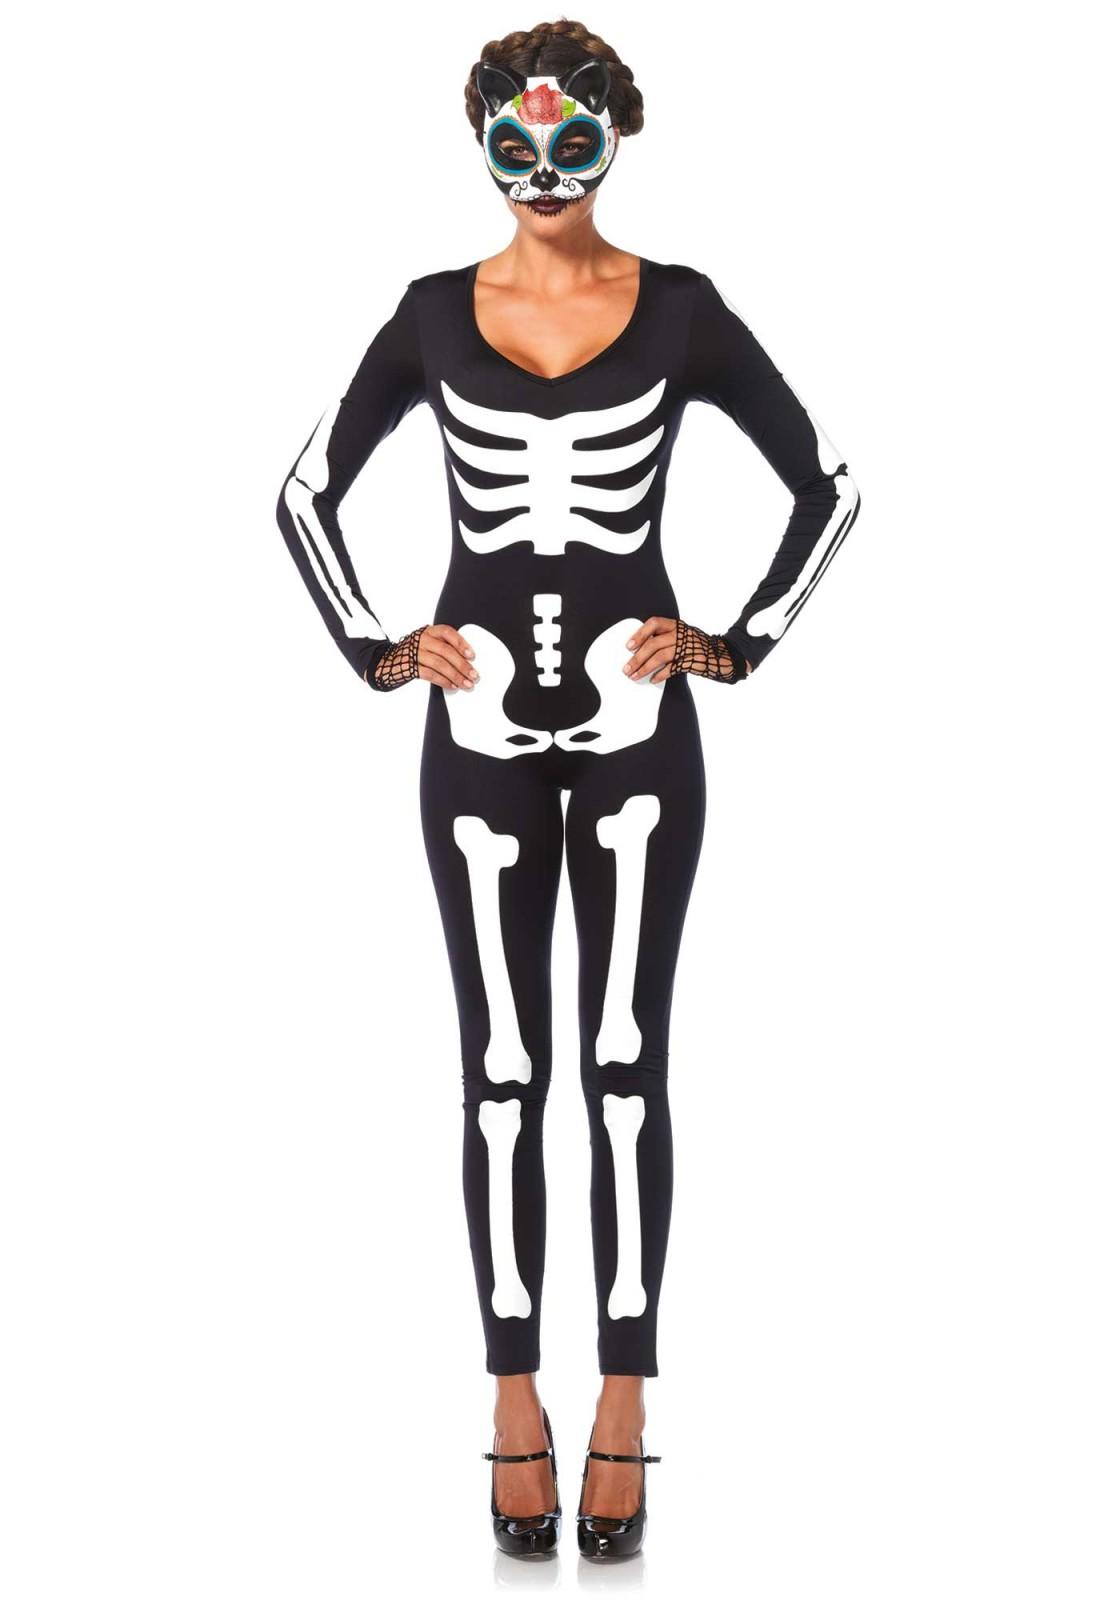 Costume de squelette